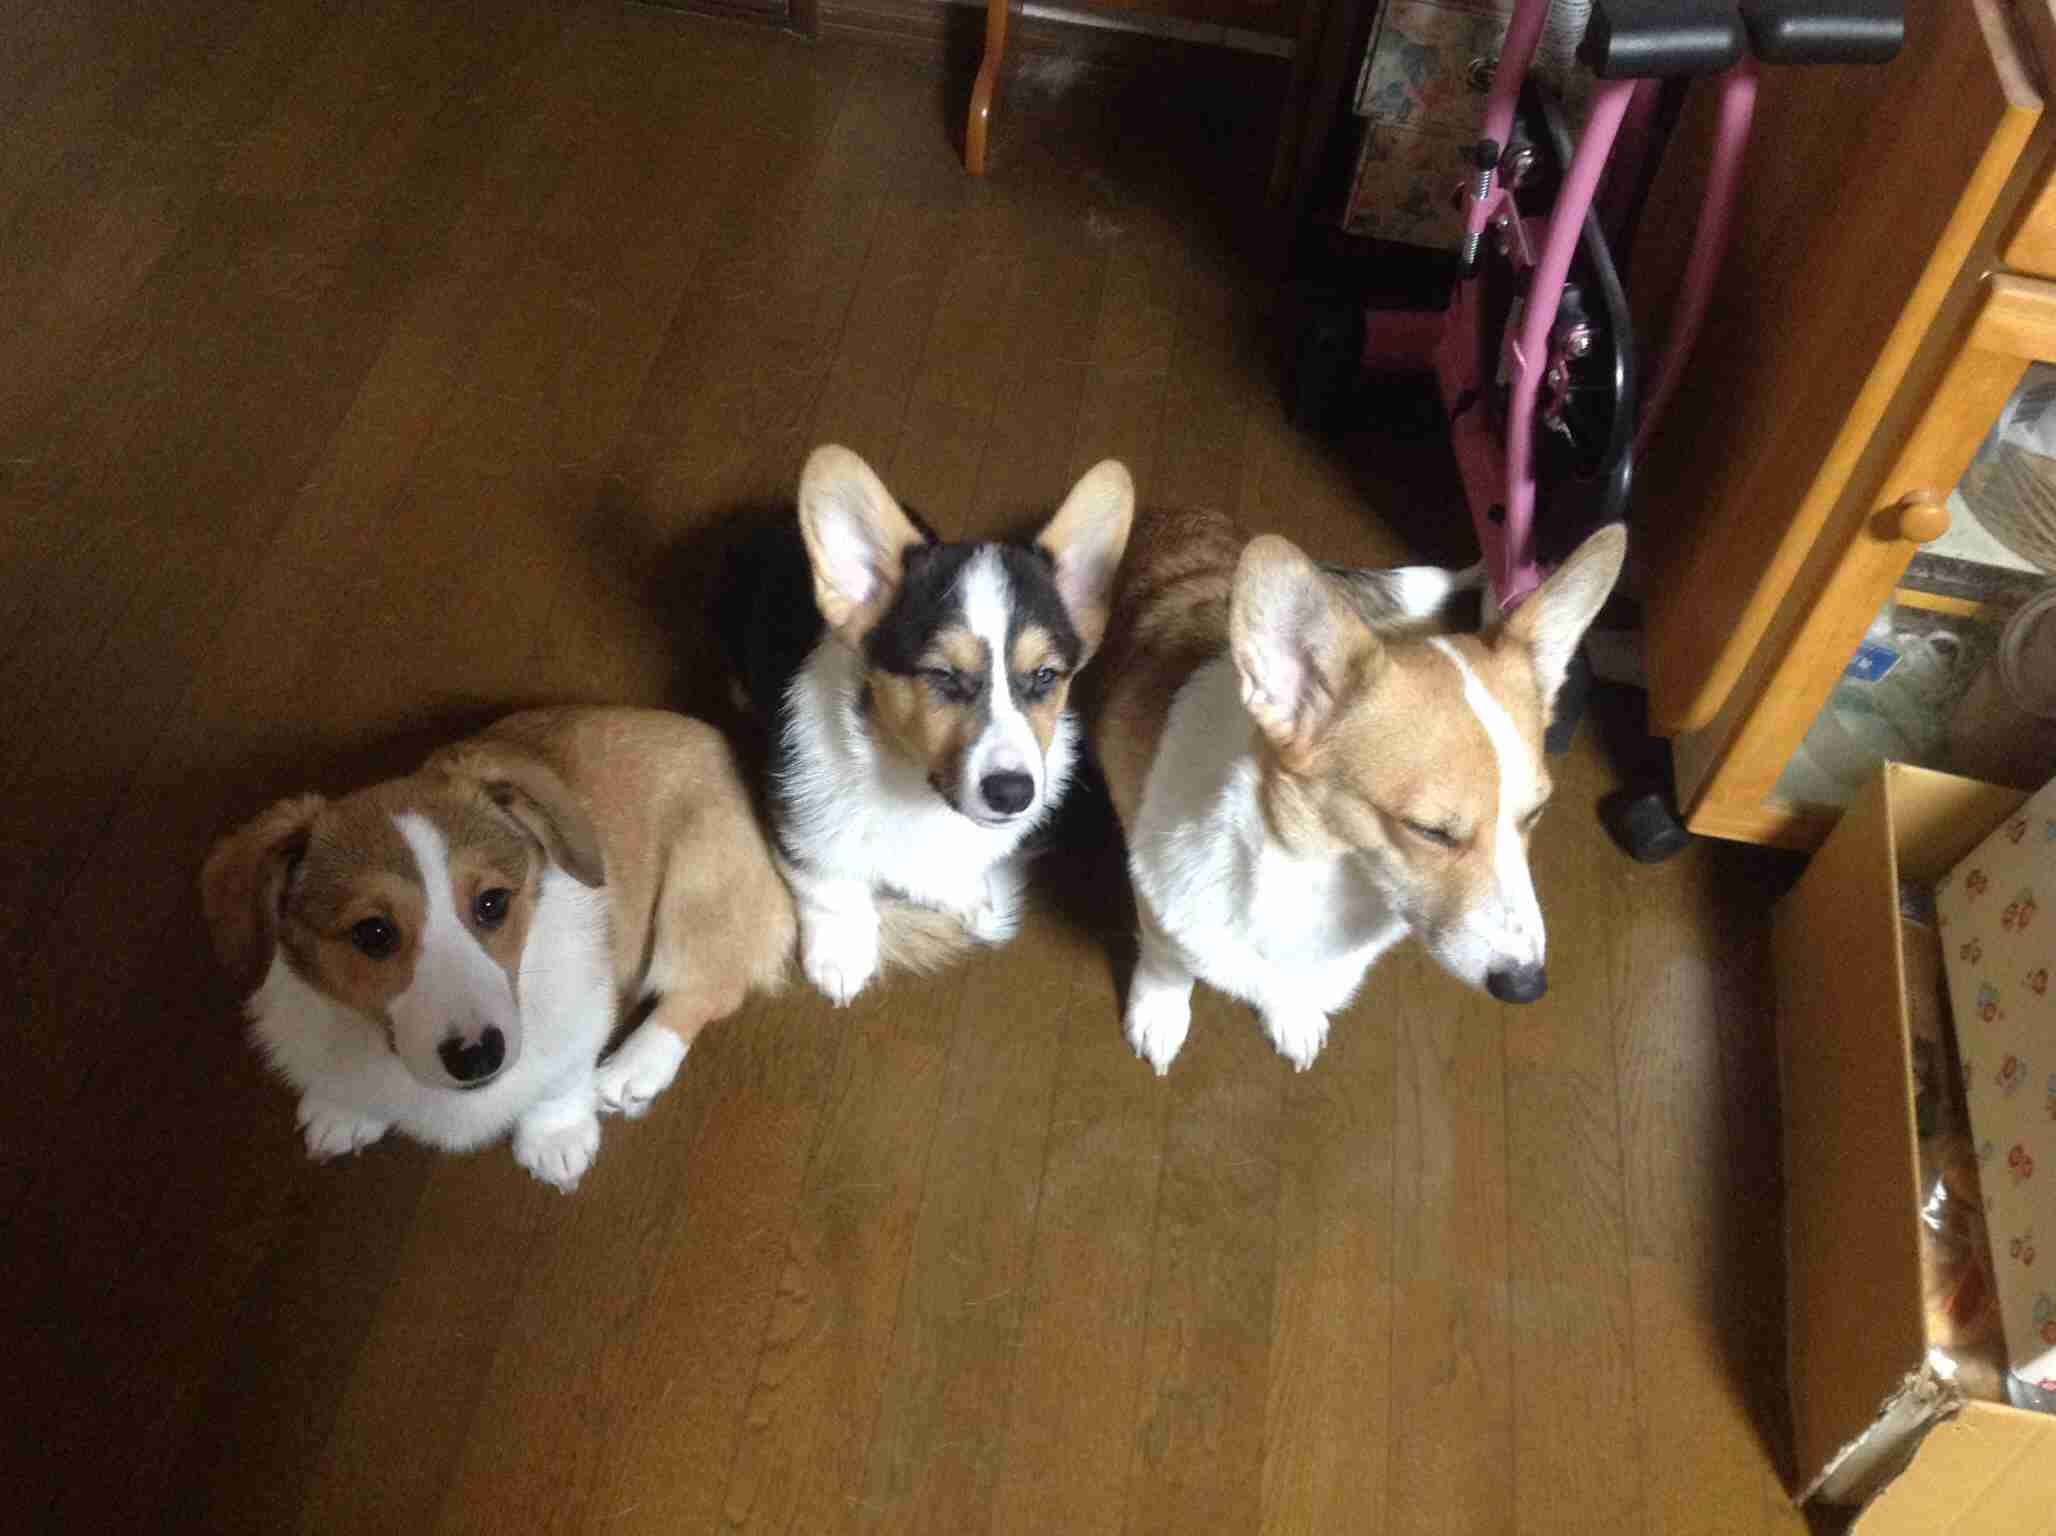 最も人気の犬は23年連続「ラブラドール・レトリバー」 人気犬種ランキング